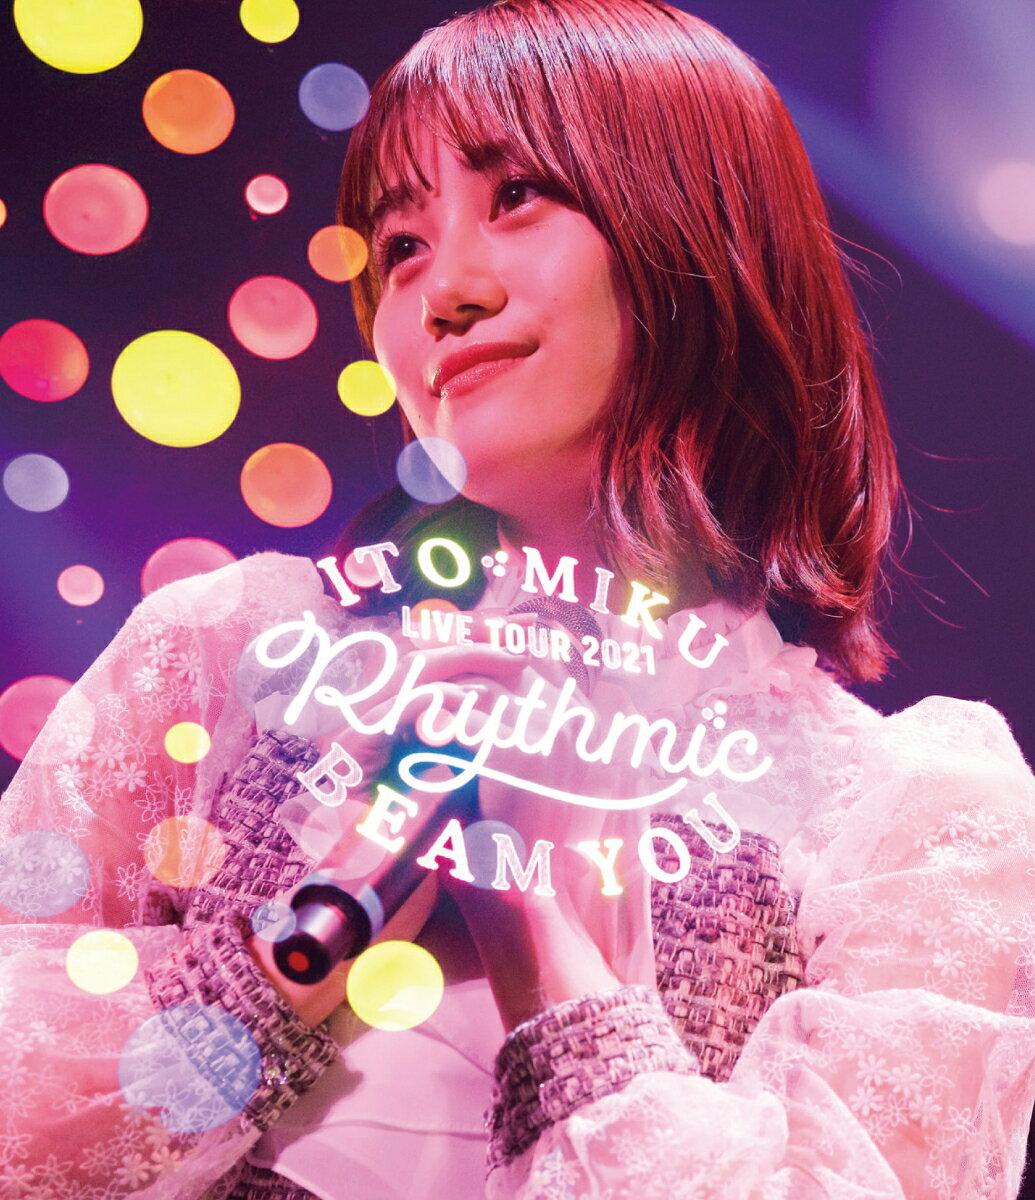 【先着特典】ITO MIKU Live Tour 2021 Rhythmic BEAM YOU(通常盤)【Blu-ray】(「第一回みっくじ抽選会」応募券)